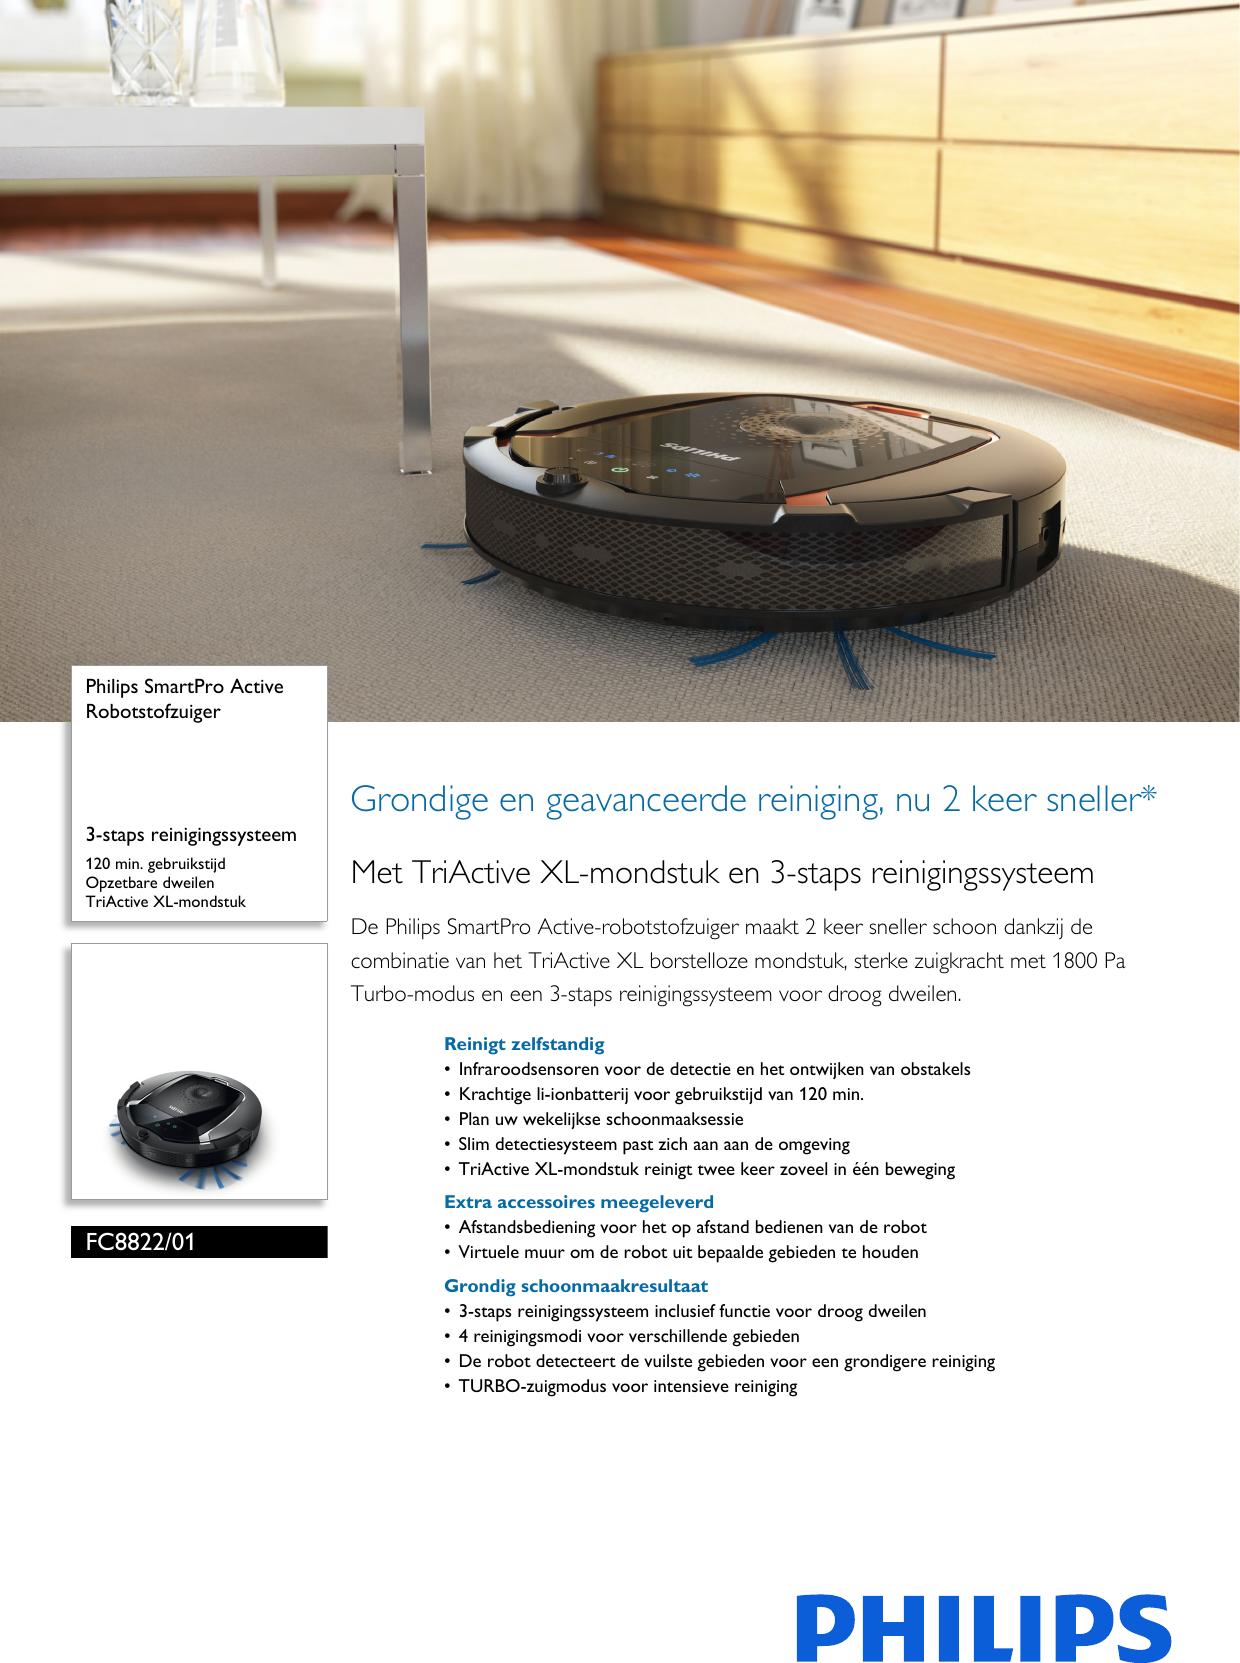 philips fc8822 01 robotstofzuiger user manual brochure. Black Bedroom Furniture Sets. Home Design Ideas